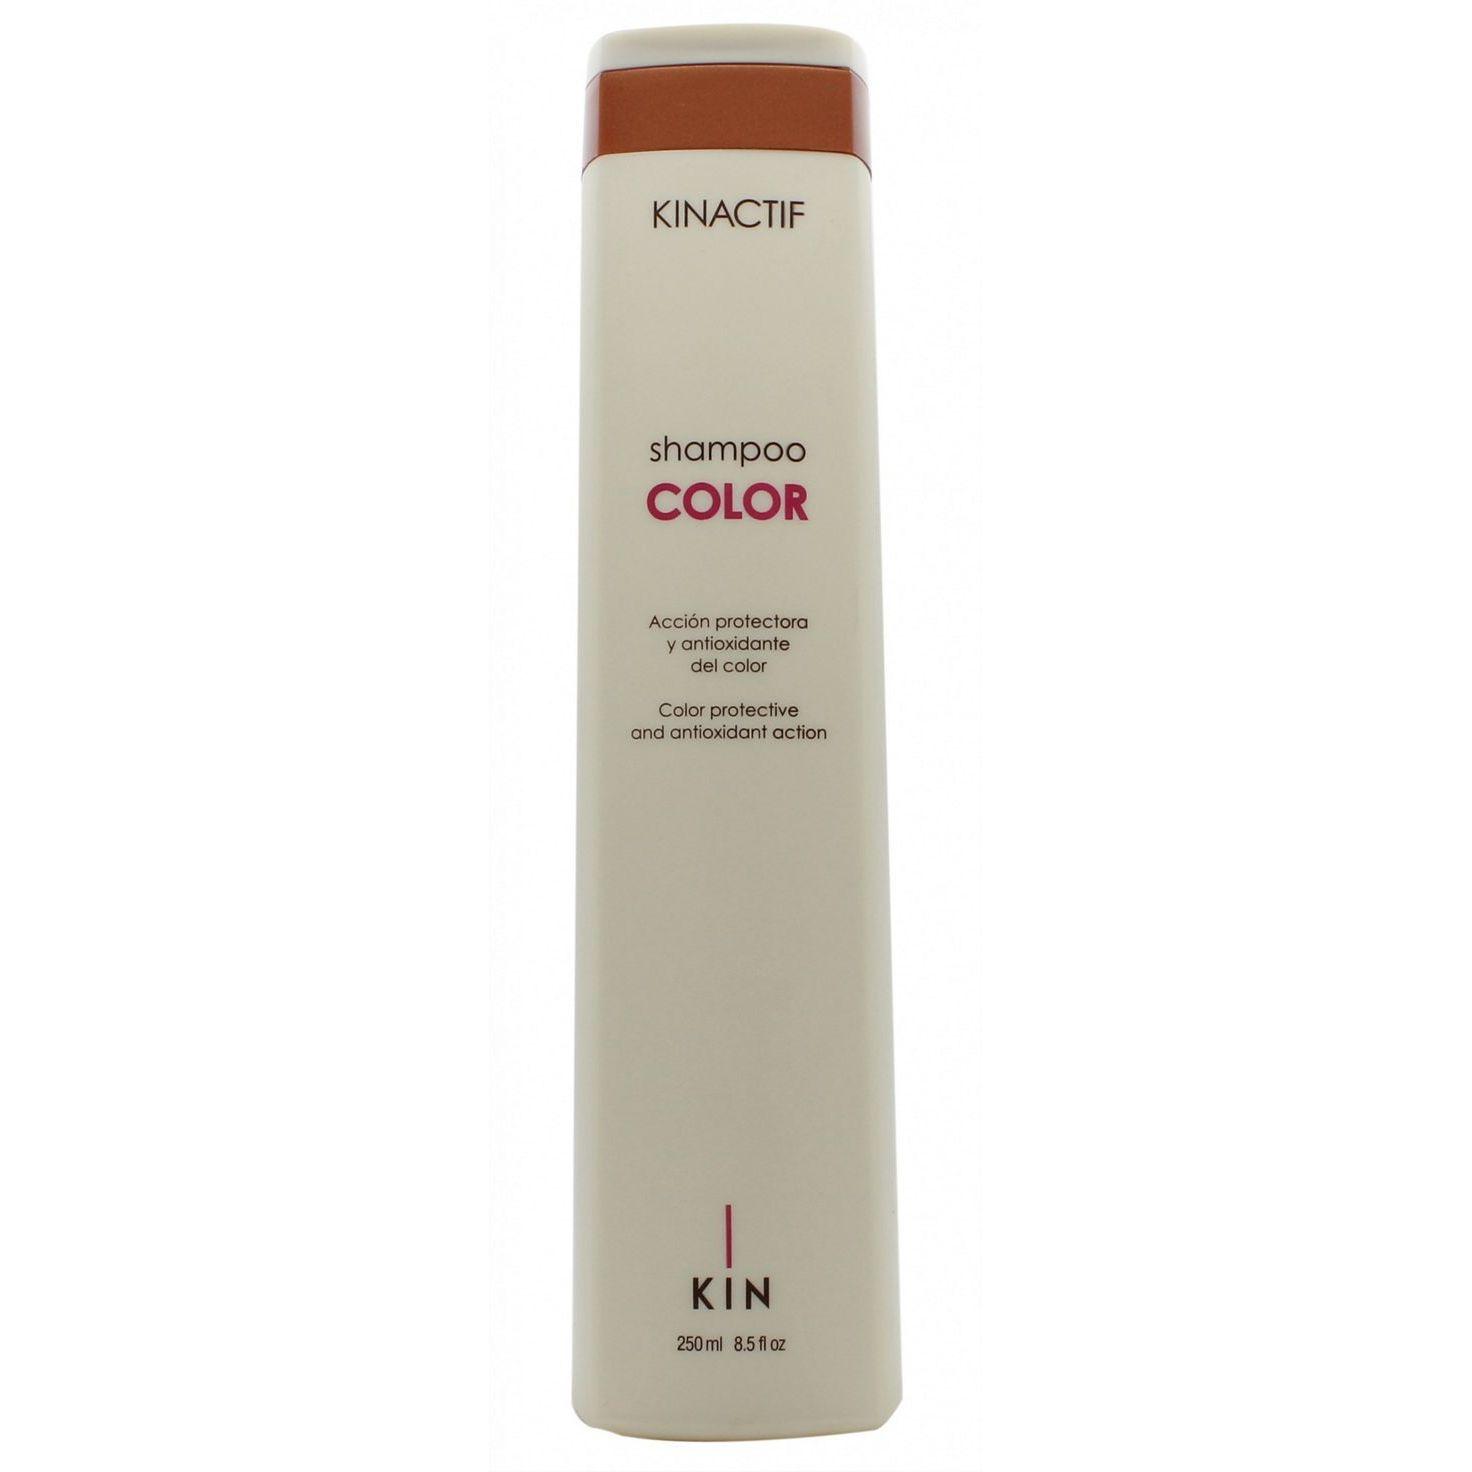 Kin Cosmetics Kinactif Color Shampoo 250 ml